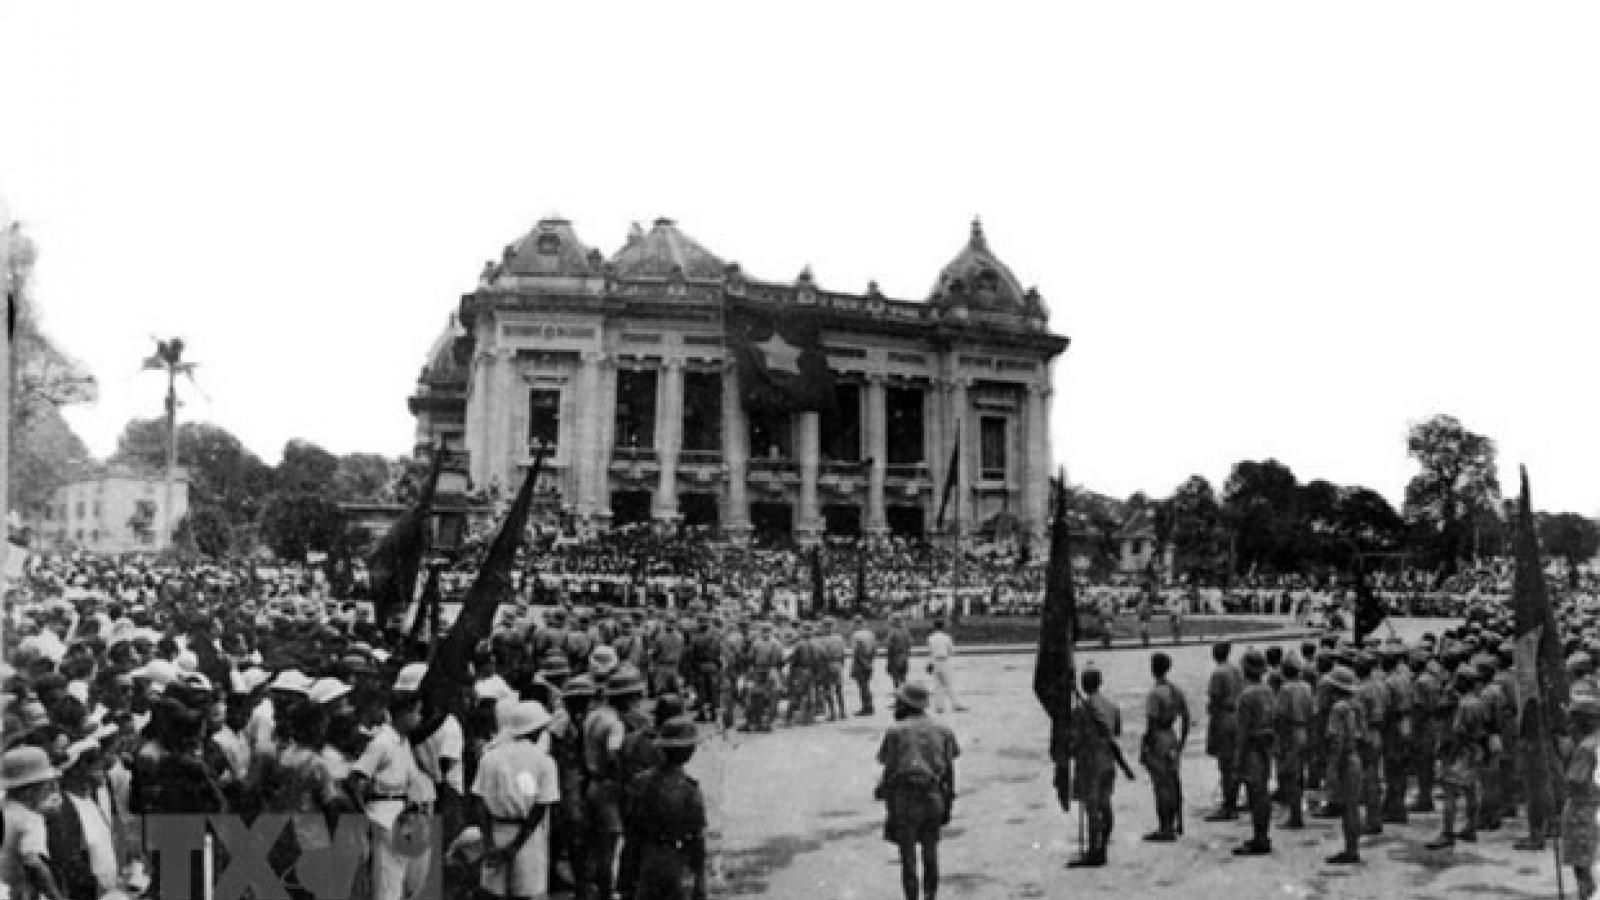 Báo chí Algeria ca ngợi ý nghĩa lịch sử của Cách mạng tháng Tám 1945